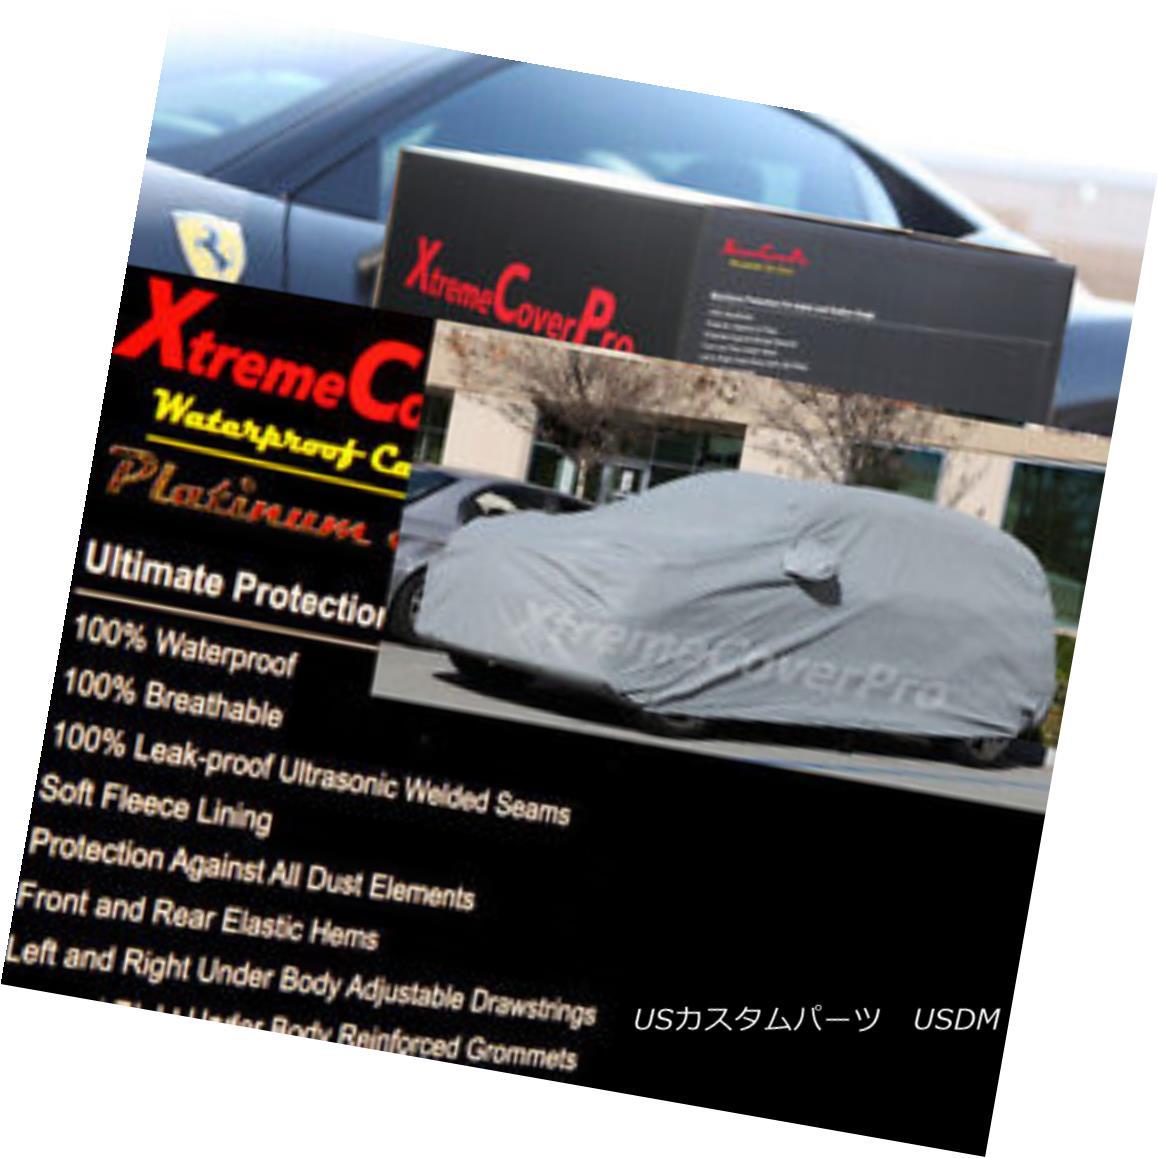 カーカバー 2000 2001 2002 Chevy Suburban Waterproof Car Cover w/MirrorPocket 2000 2001 2002シボレー郊外防水カーカバー付き(MirrorPocket)